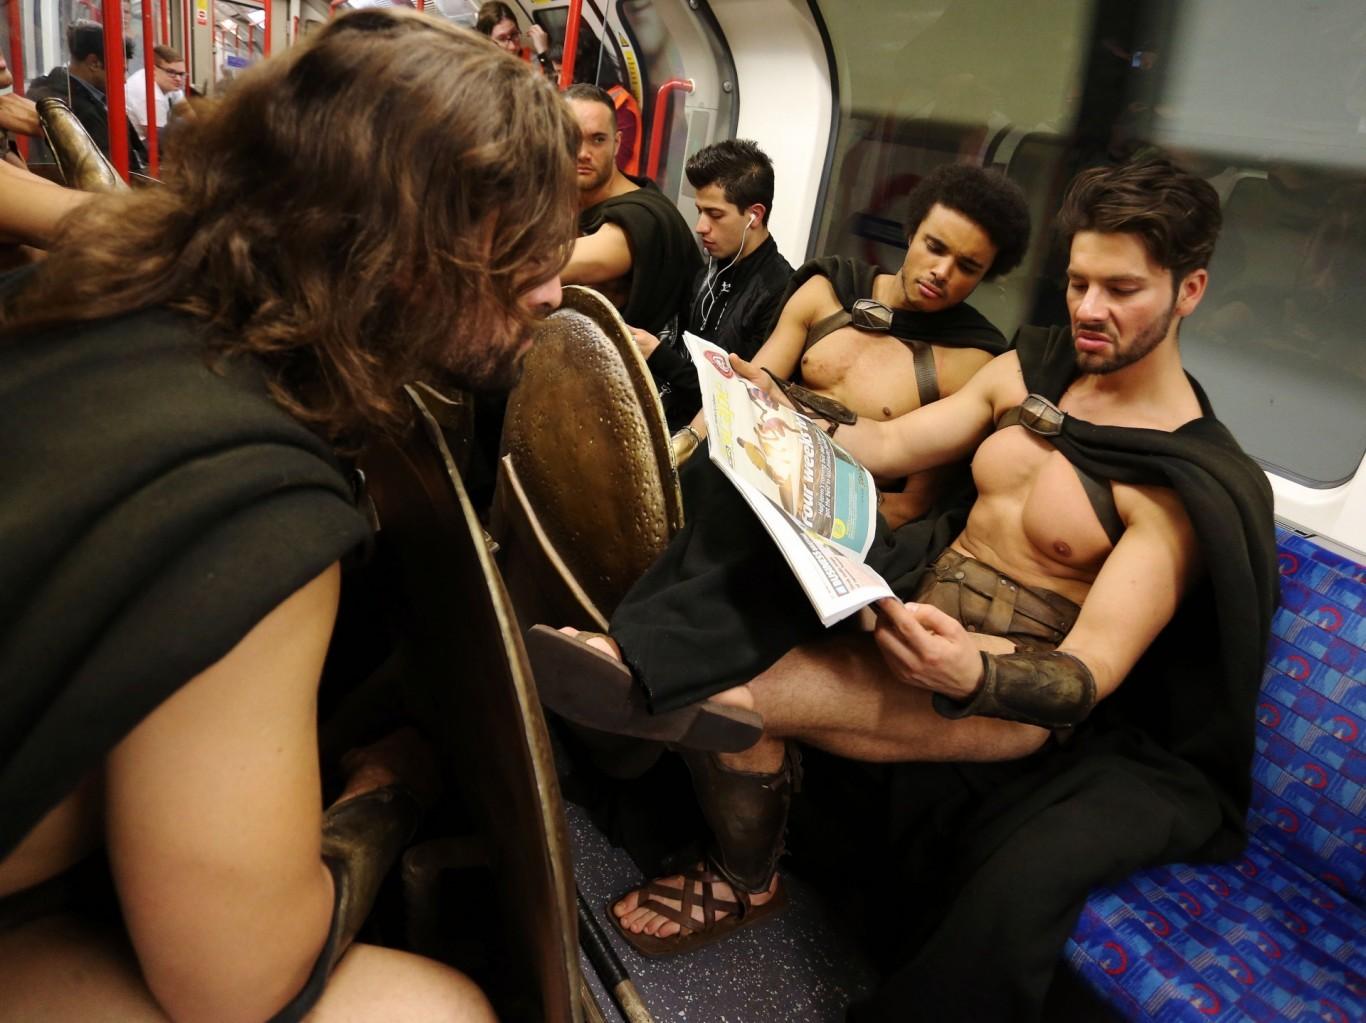 Руку под юбку в метро 16 фотография